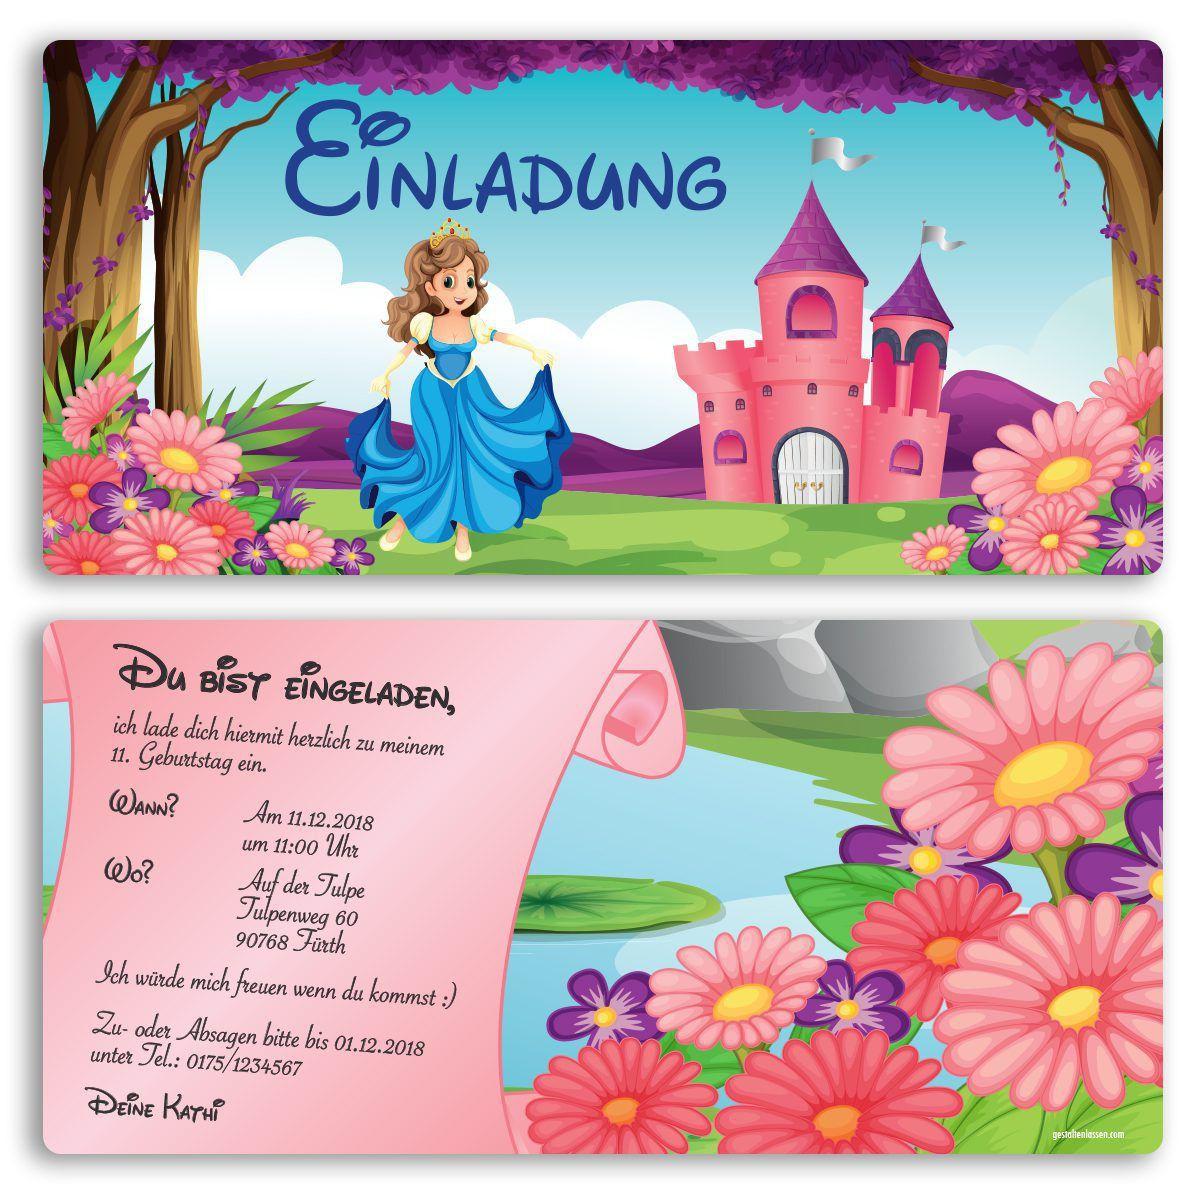 Kindergeburtstag Einladungen Vorlagen Ausdrucken Gratis Beautiful Kindergeburtstag Einladung Vorlagen Geburtstag Einladung Di 2020 Undangan